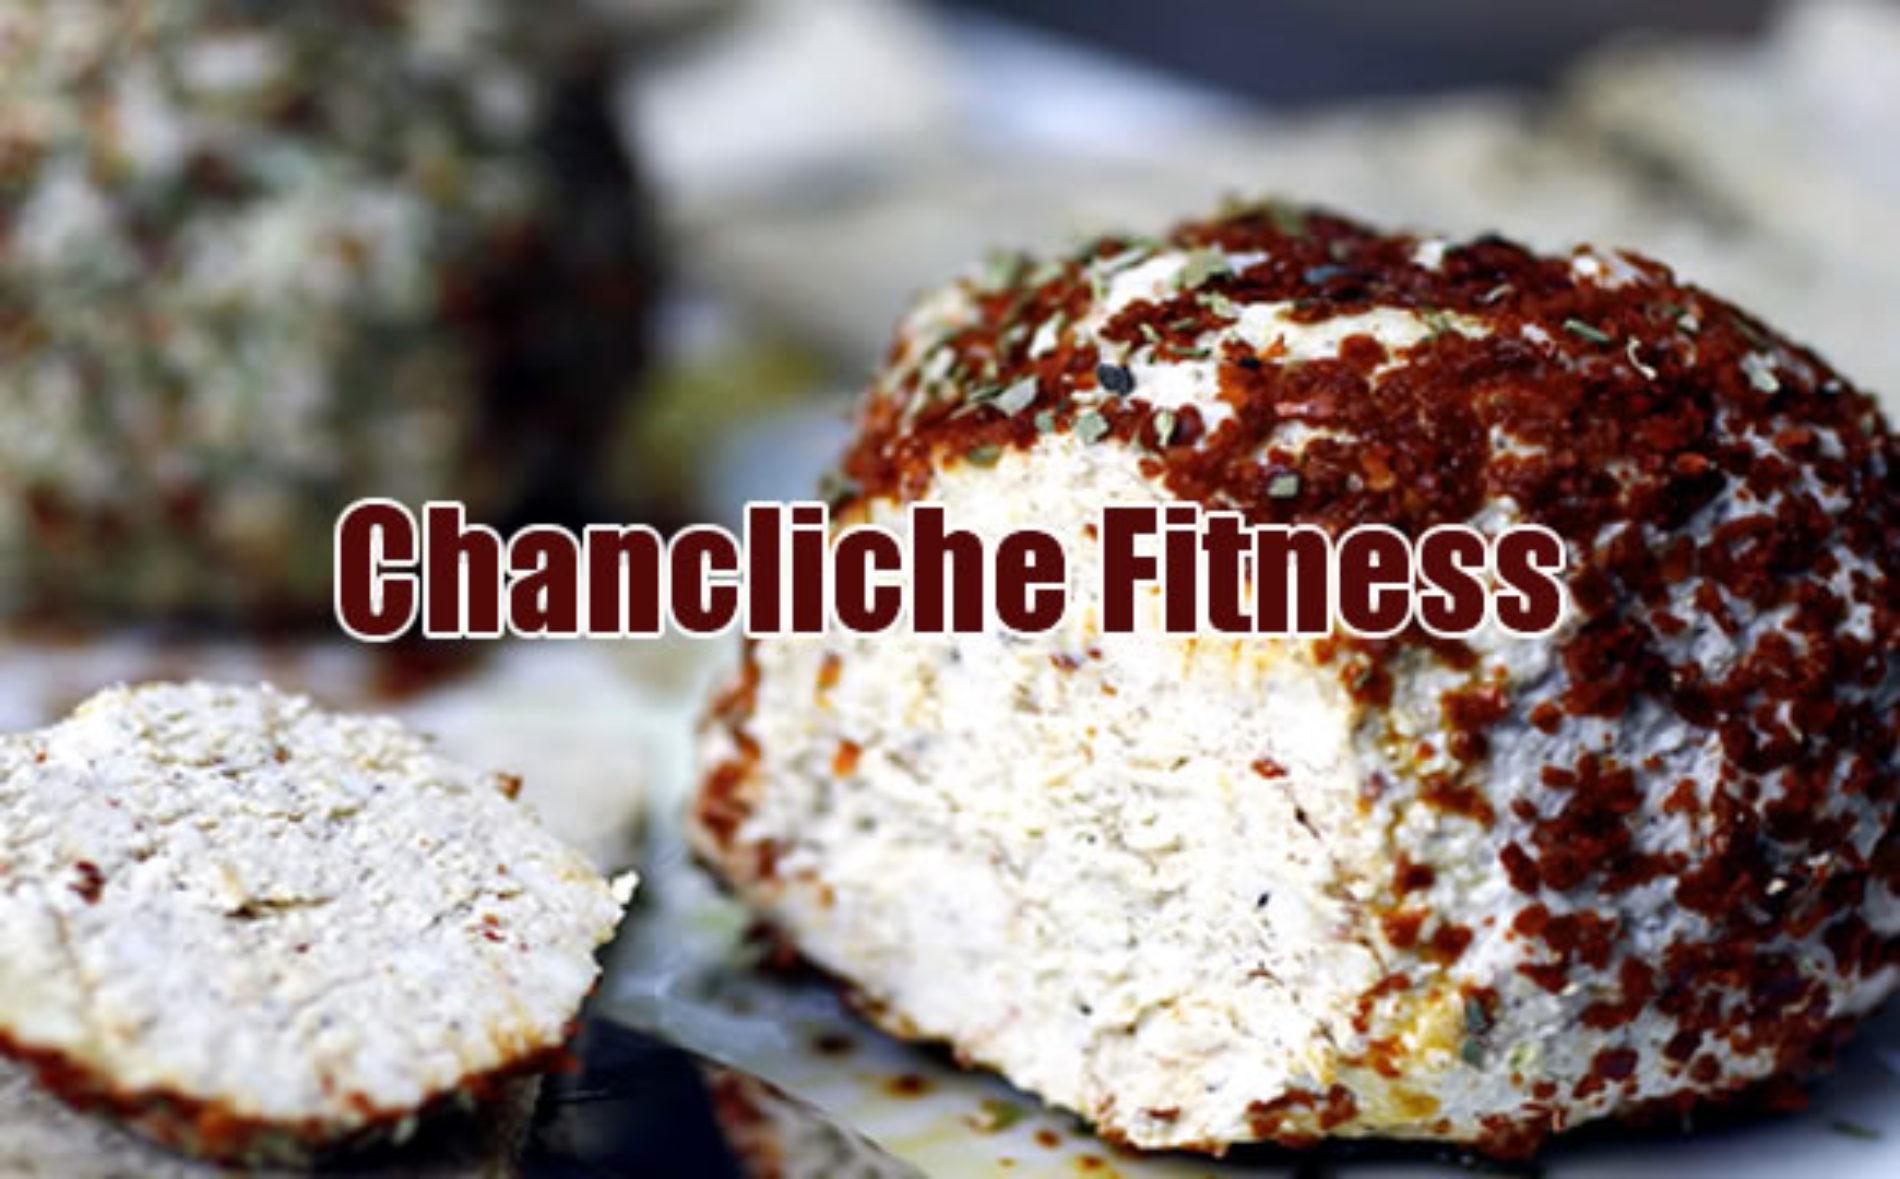 Chancliche fitness de ricota